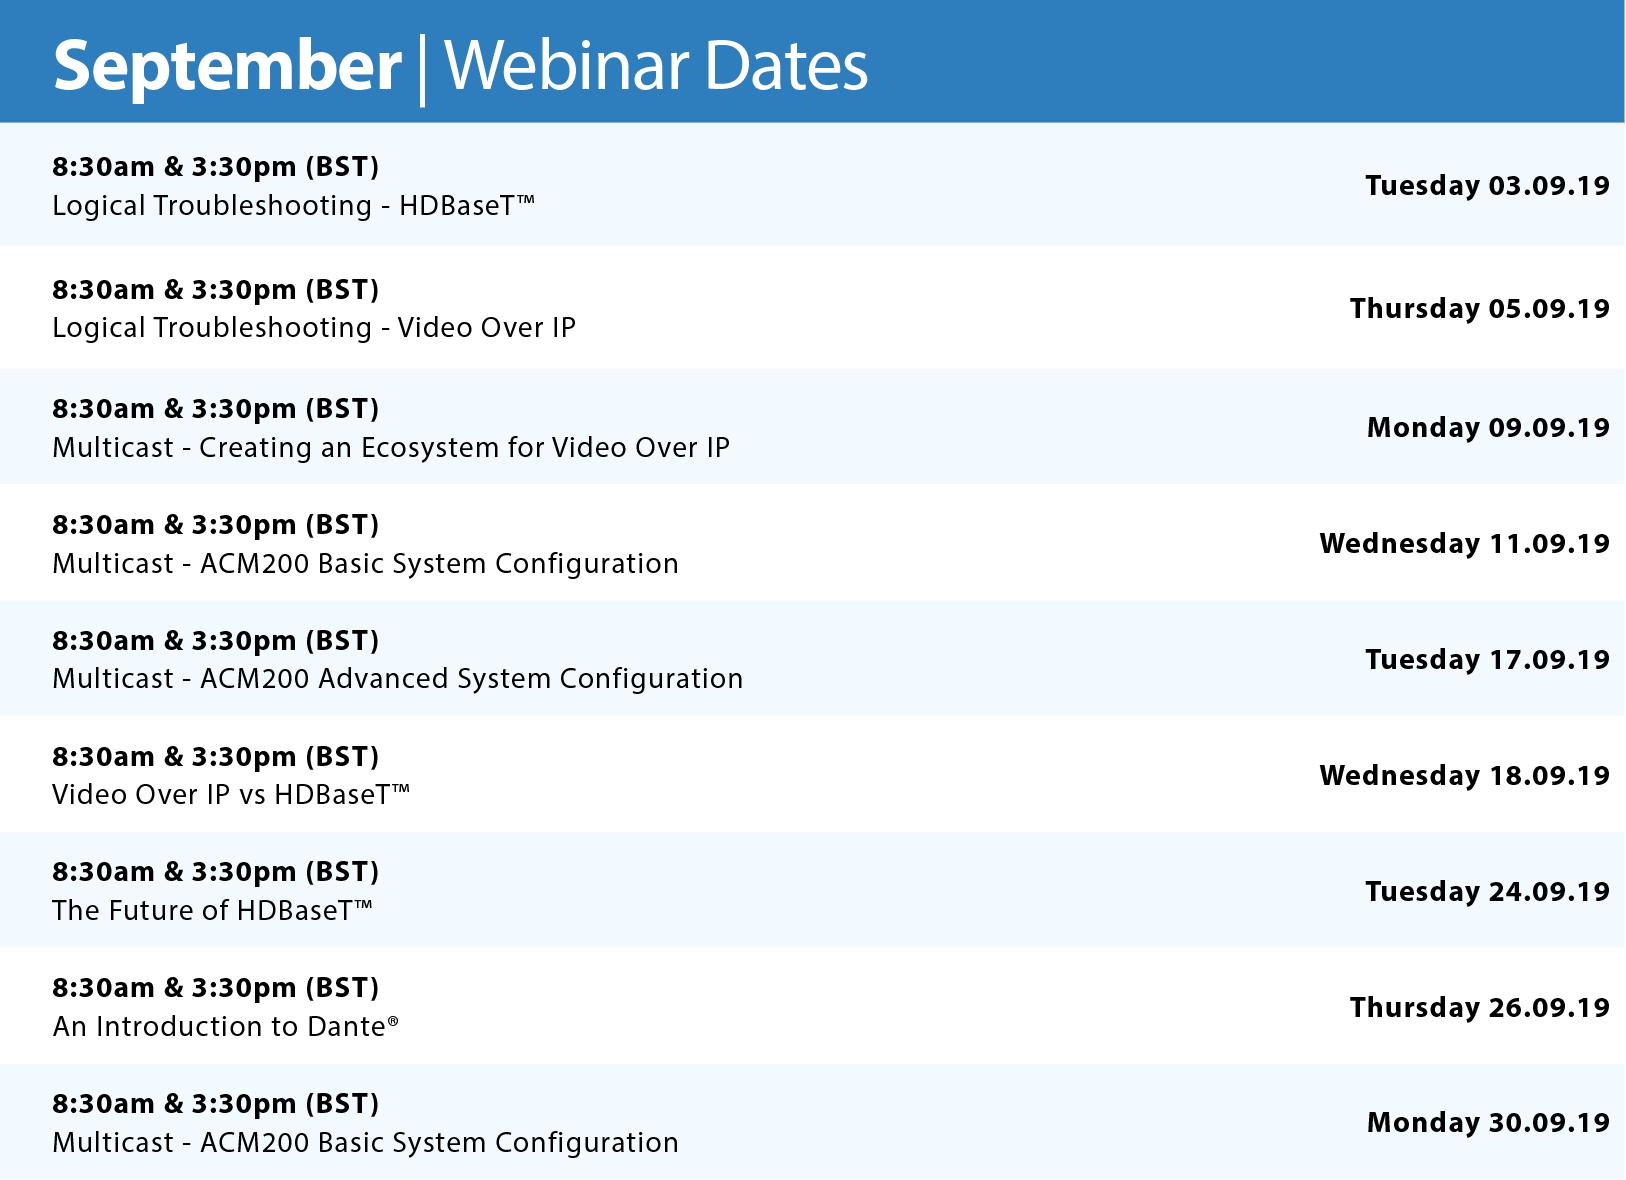 SEP_Webinar_Dates.png